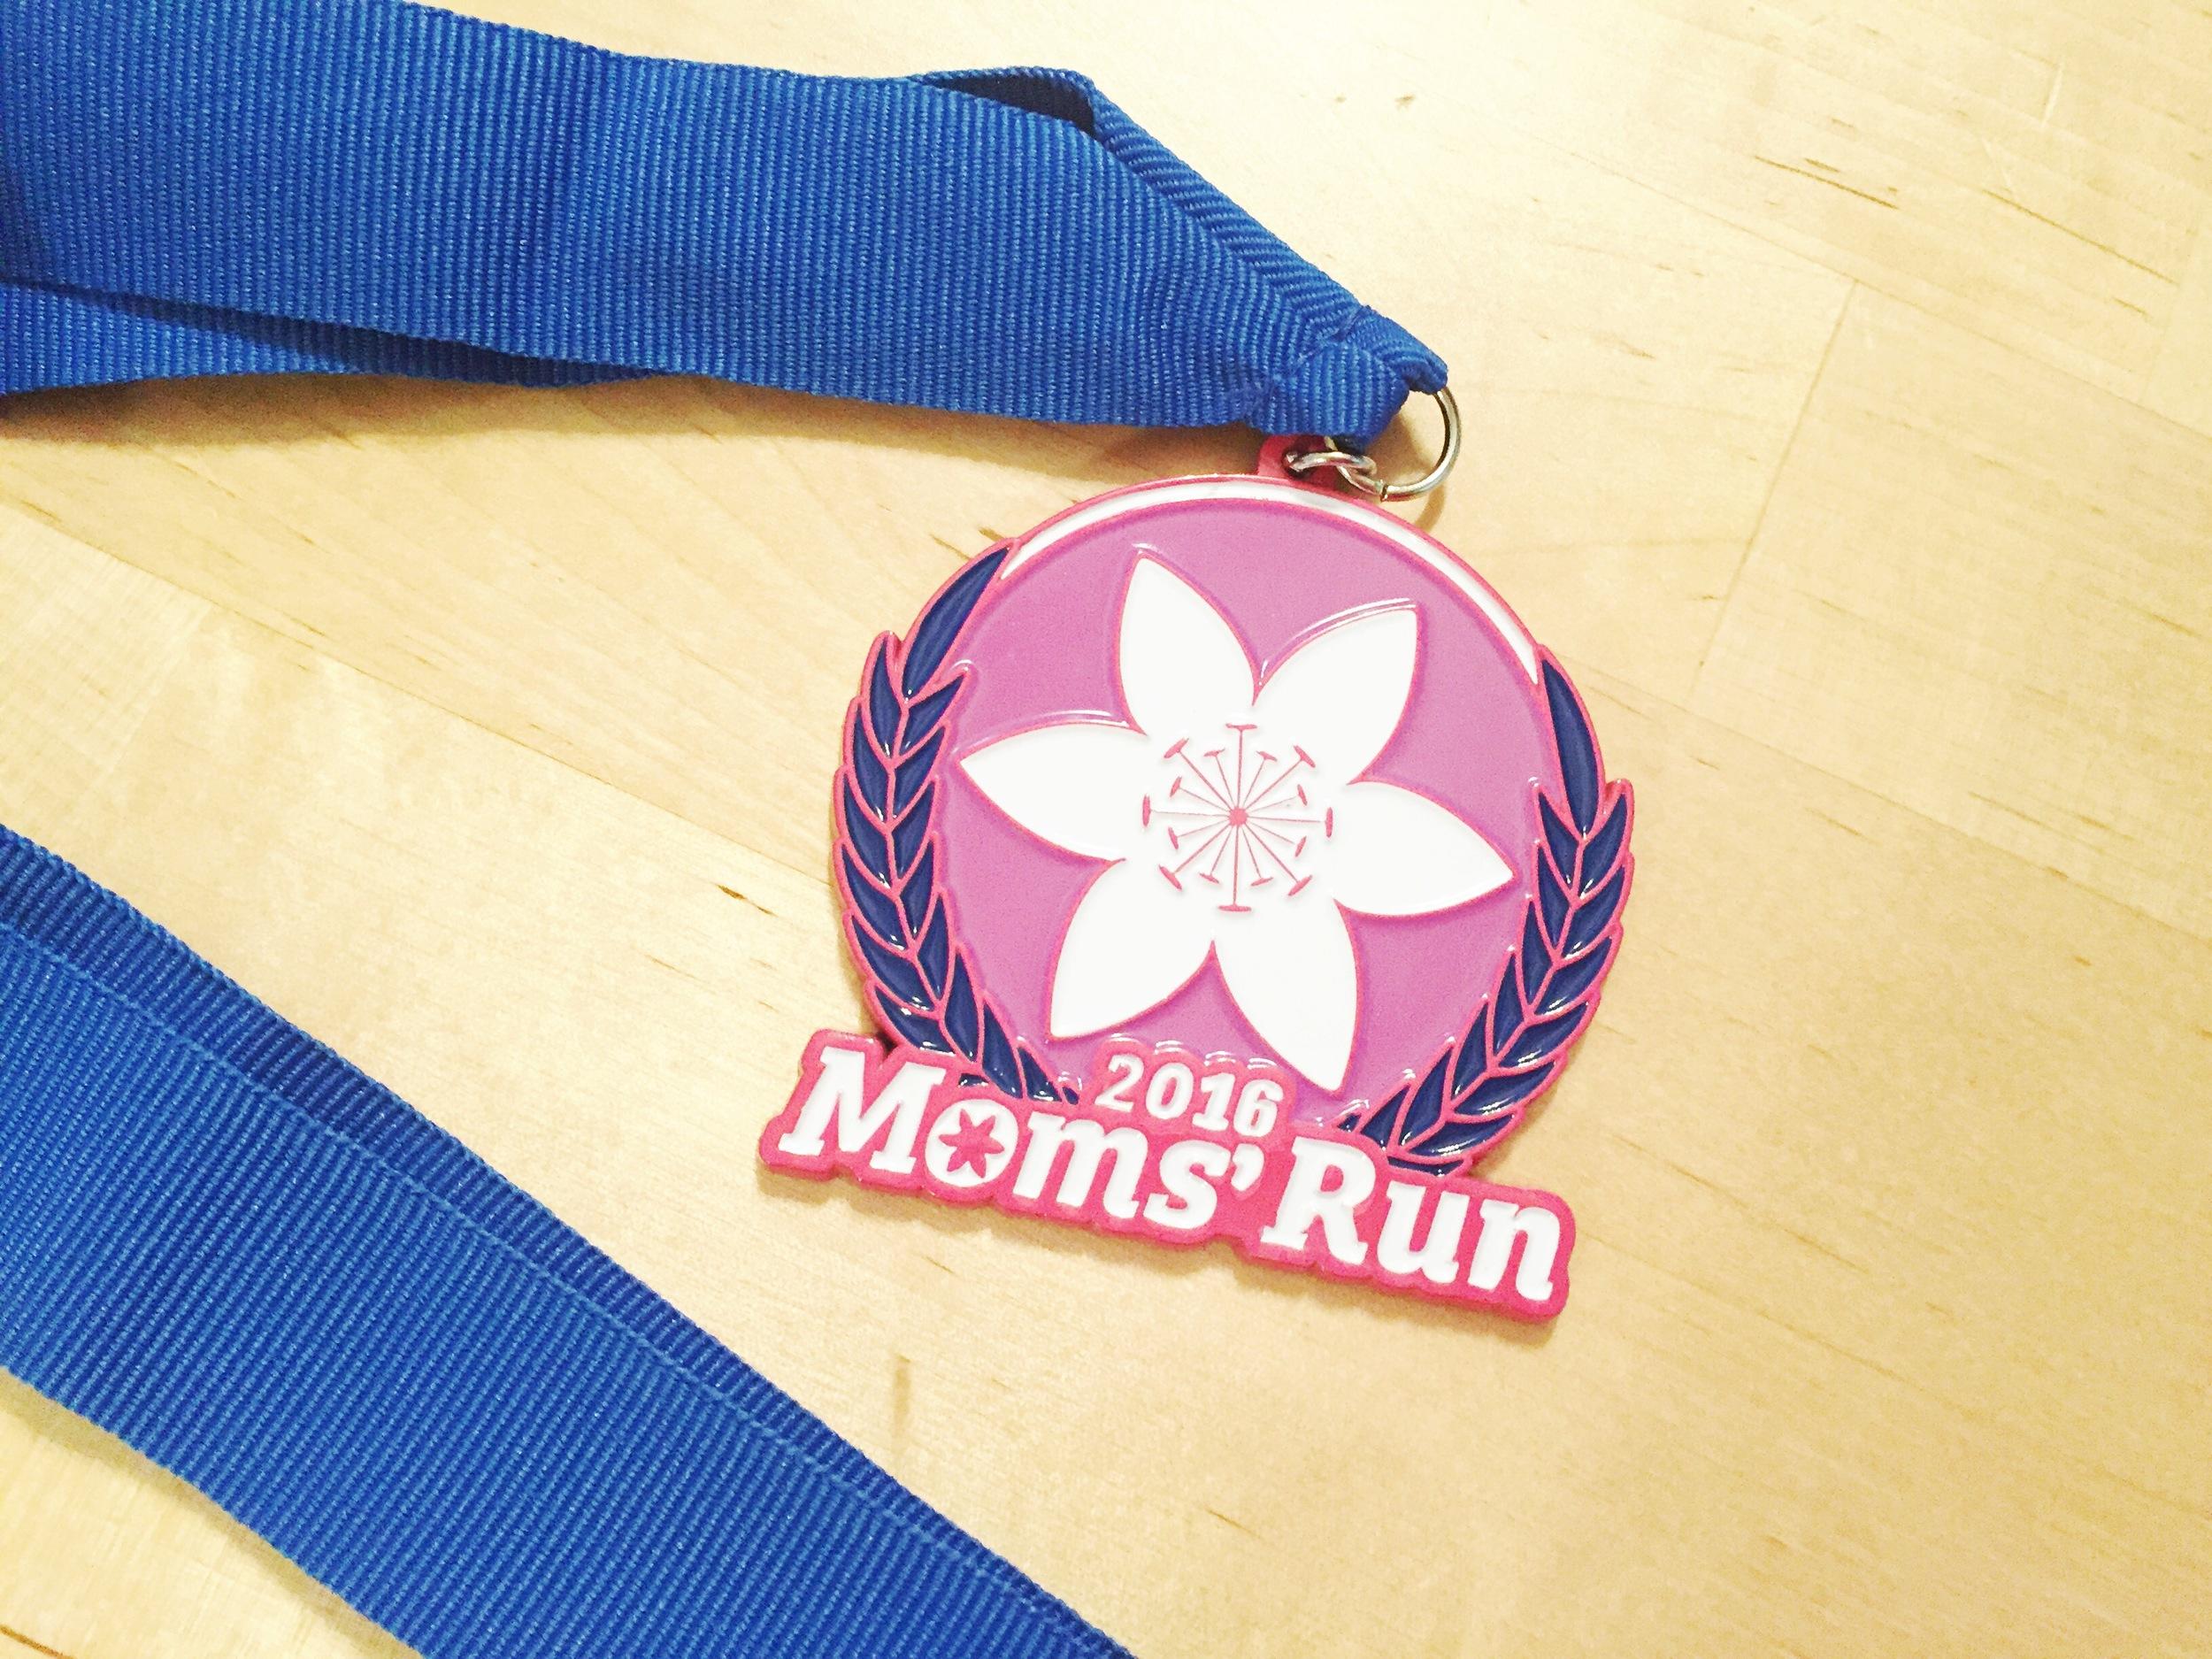 moms-run-medal